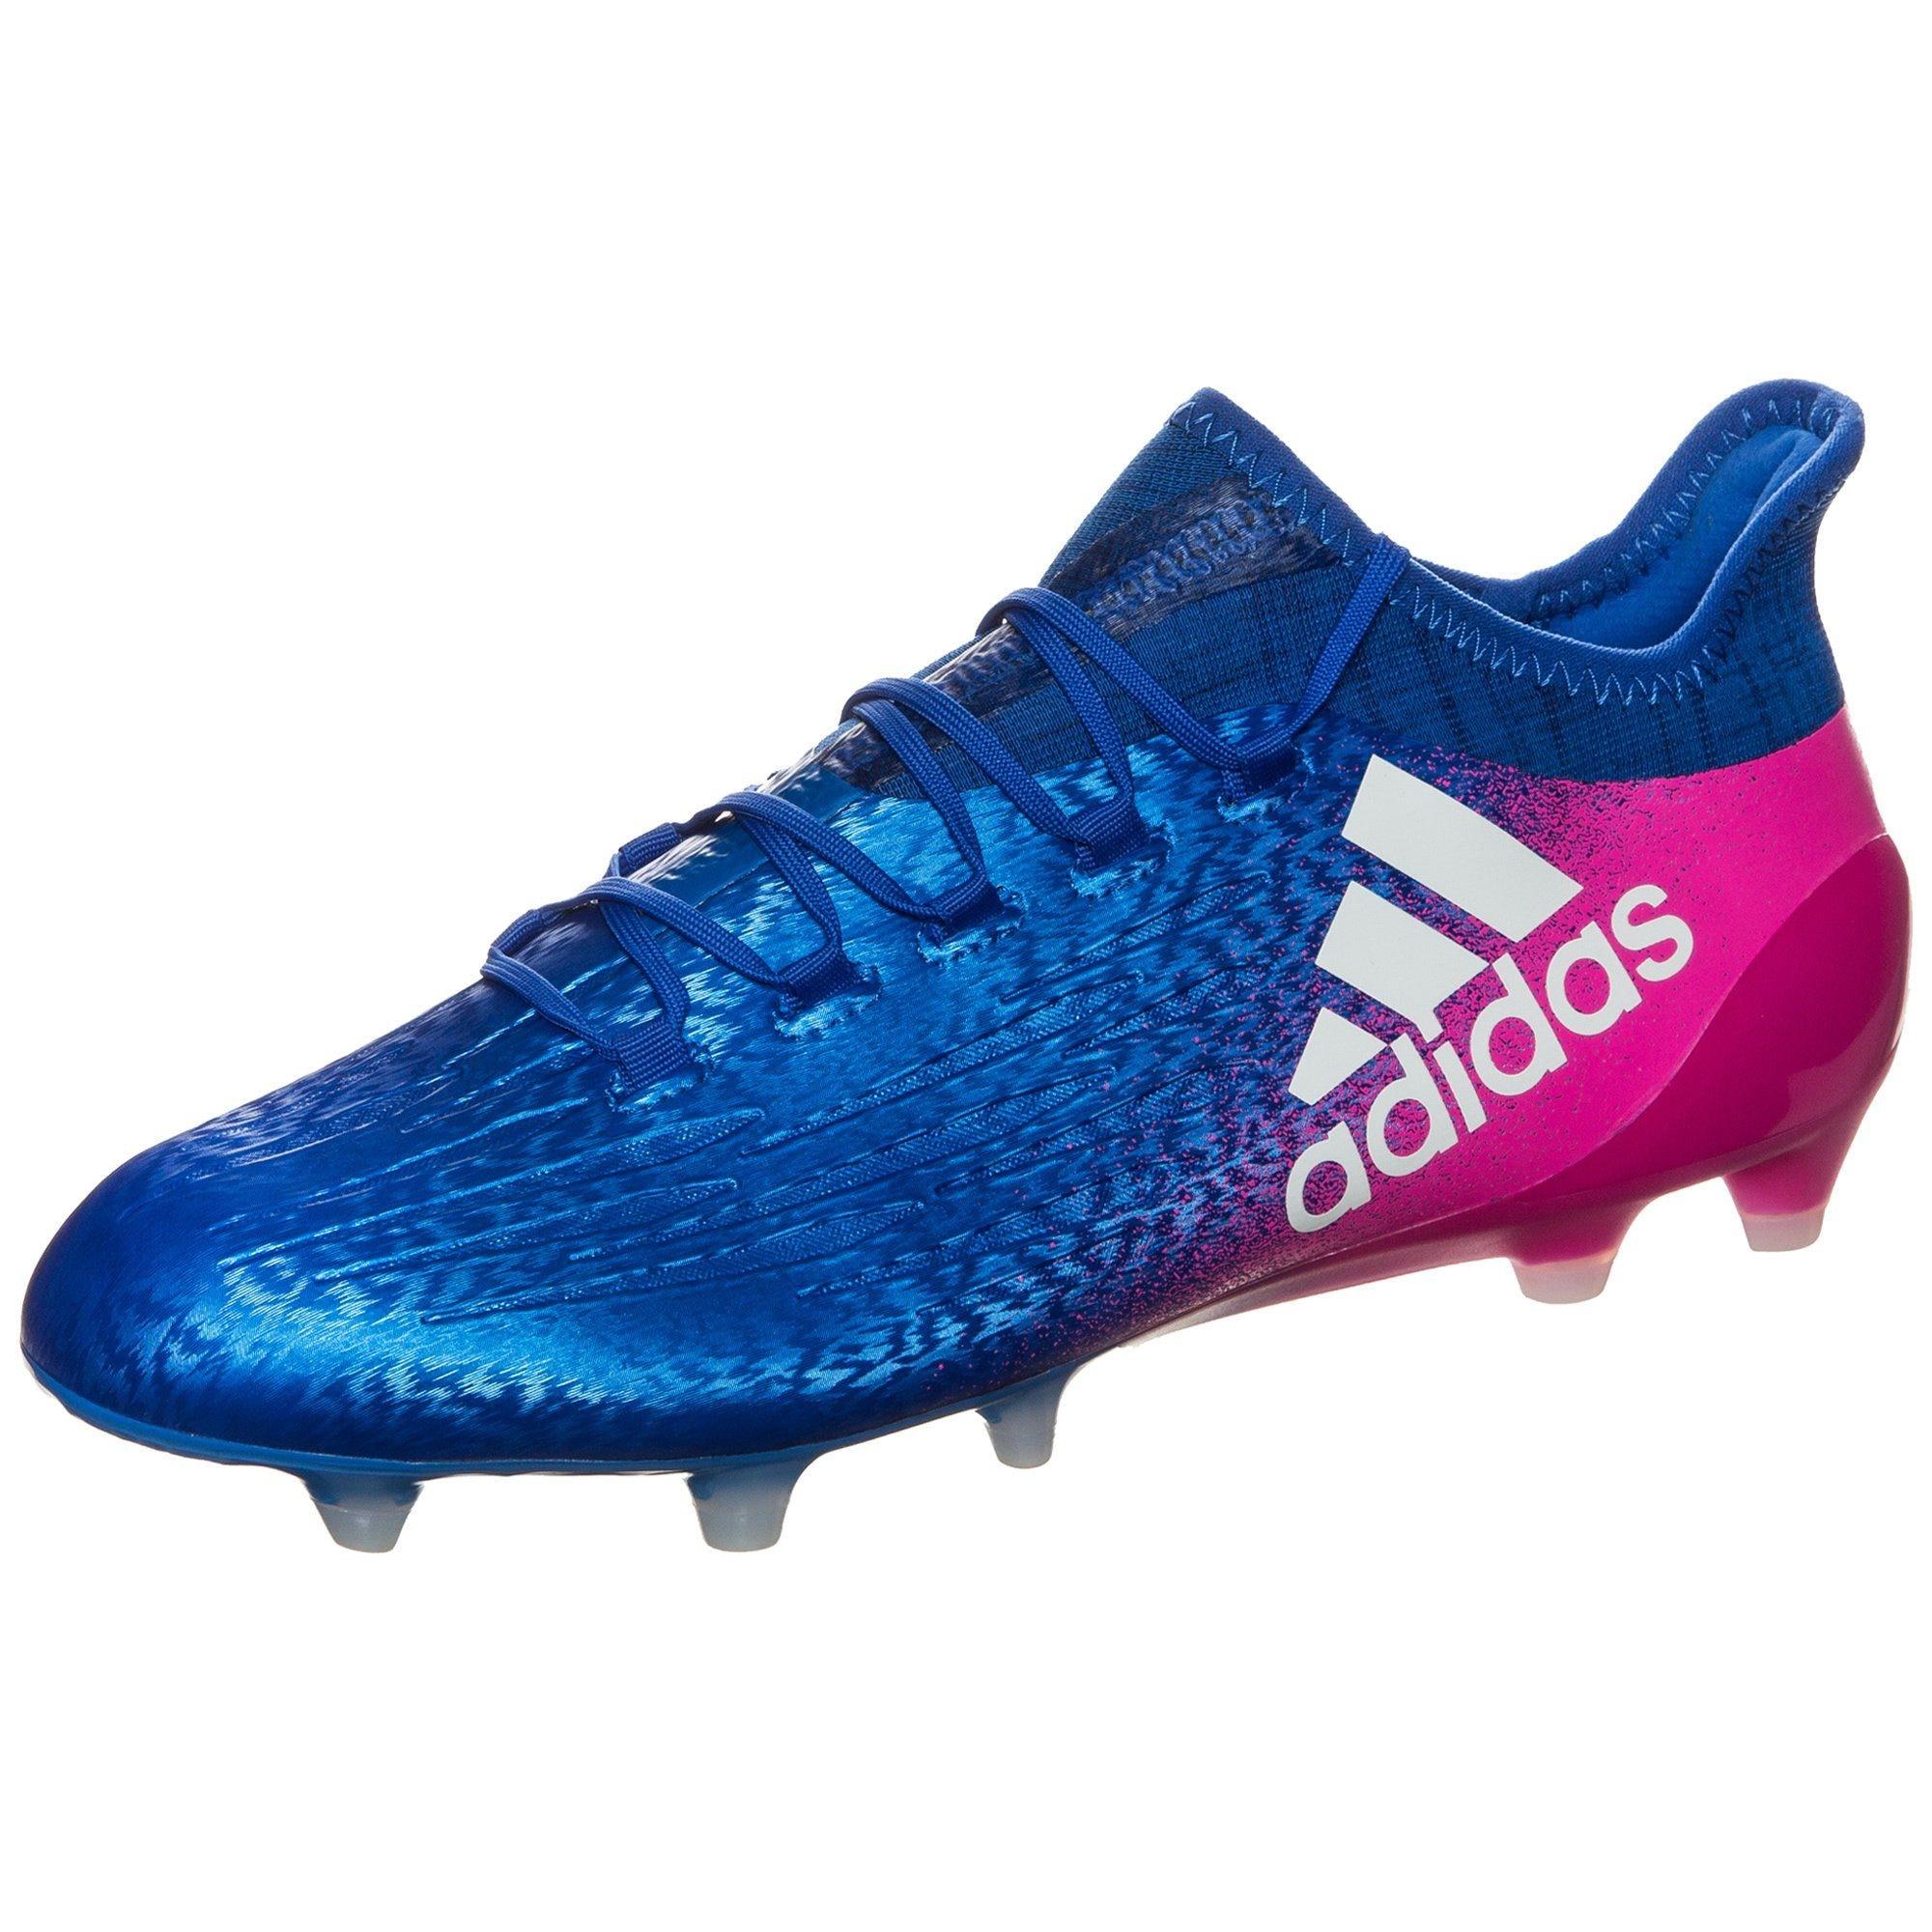 Adidas Performance X 16.1 FG Fuballschuh Herren online bestellen | Gutes Preis Leistungs Verhältnis,